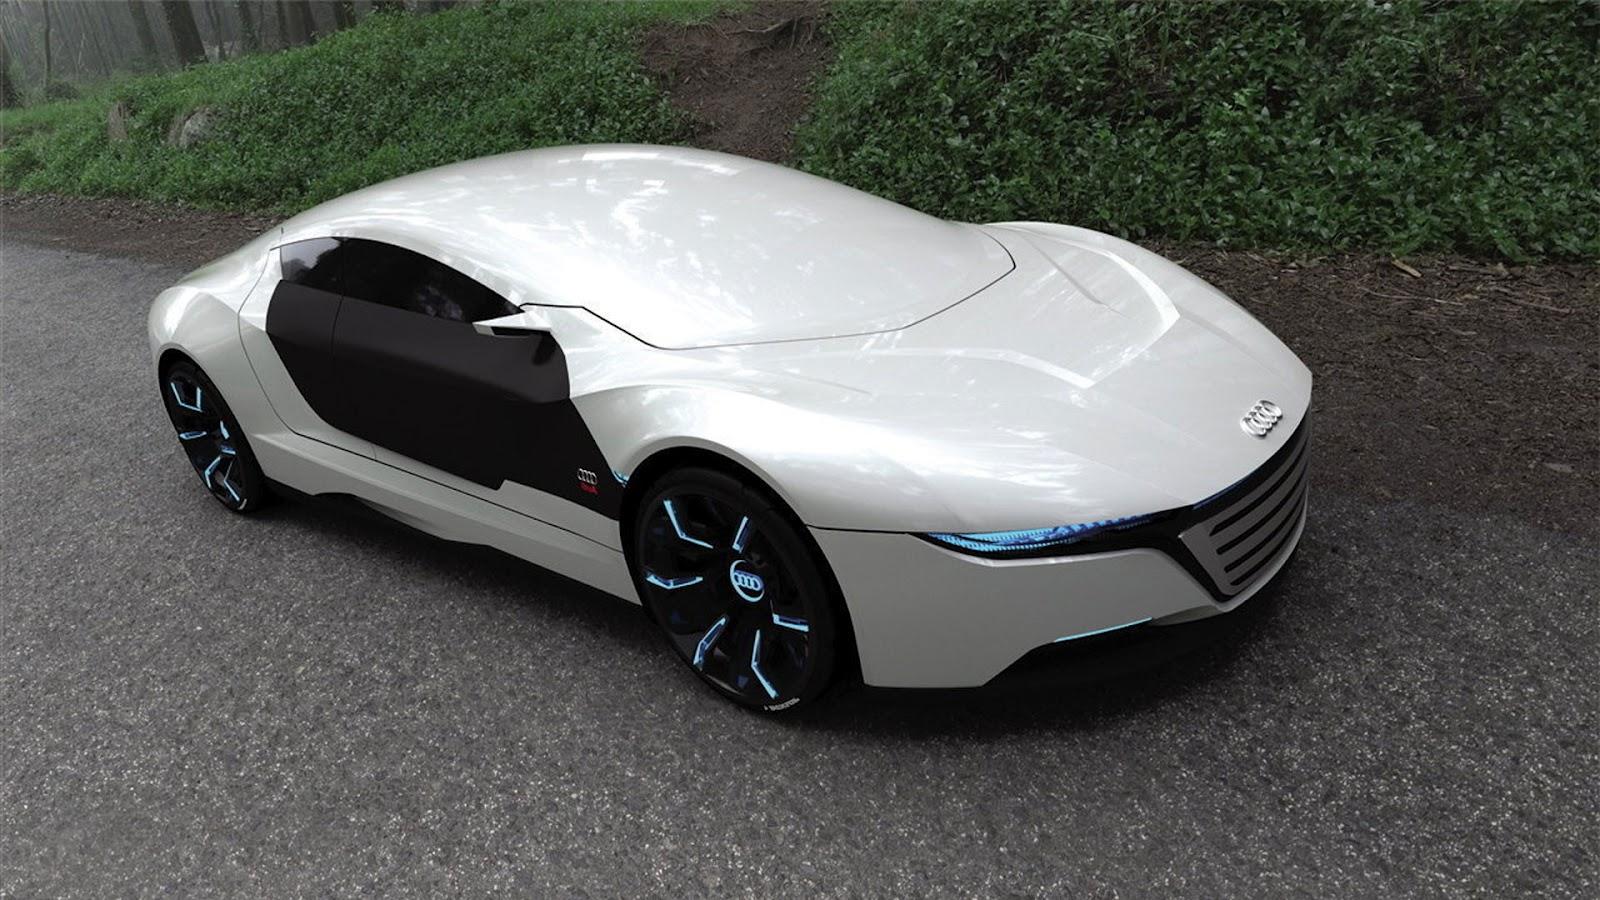 Audi A9 Wallpaper Hd >> Epic Car Wallpapers - WallpaperSafari